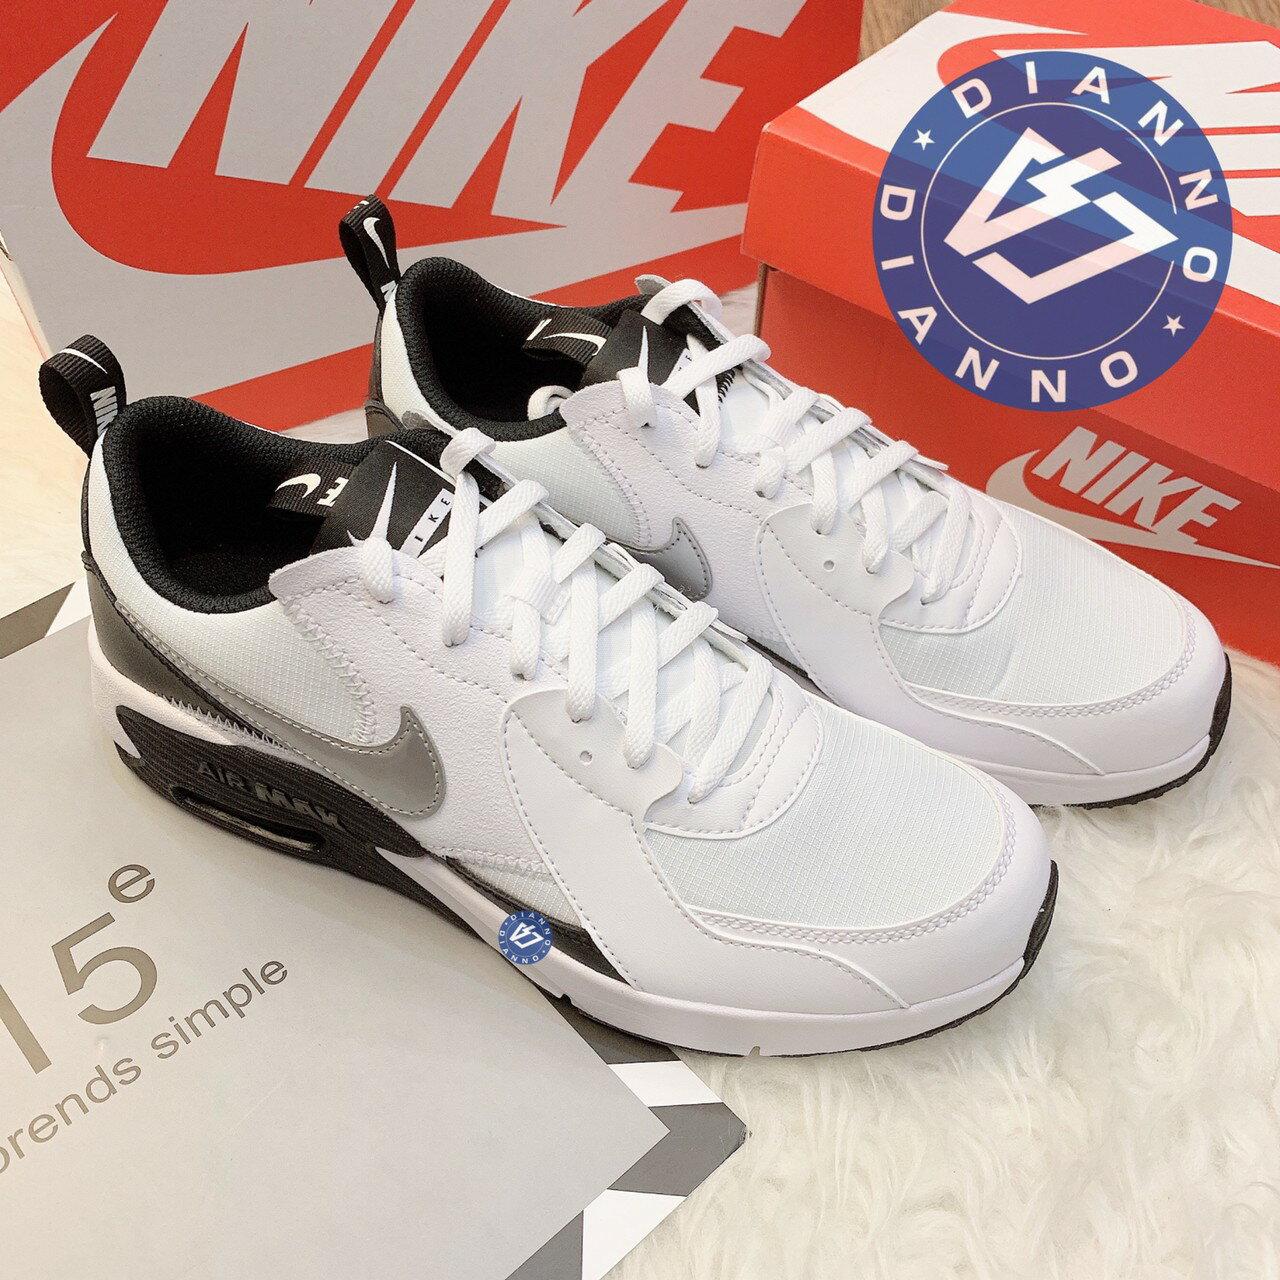 超取$499免運 ▶帝安諾-實體店面 NIKE AIR MAX EXCEE 白色【女鞋】舒適 透氣 氣墊 運動 慢跑鞋 CZ4990-100